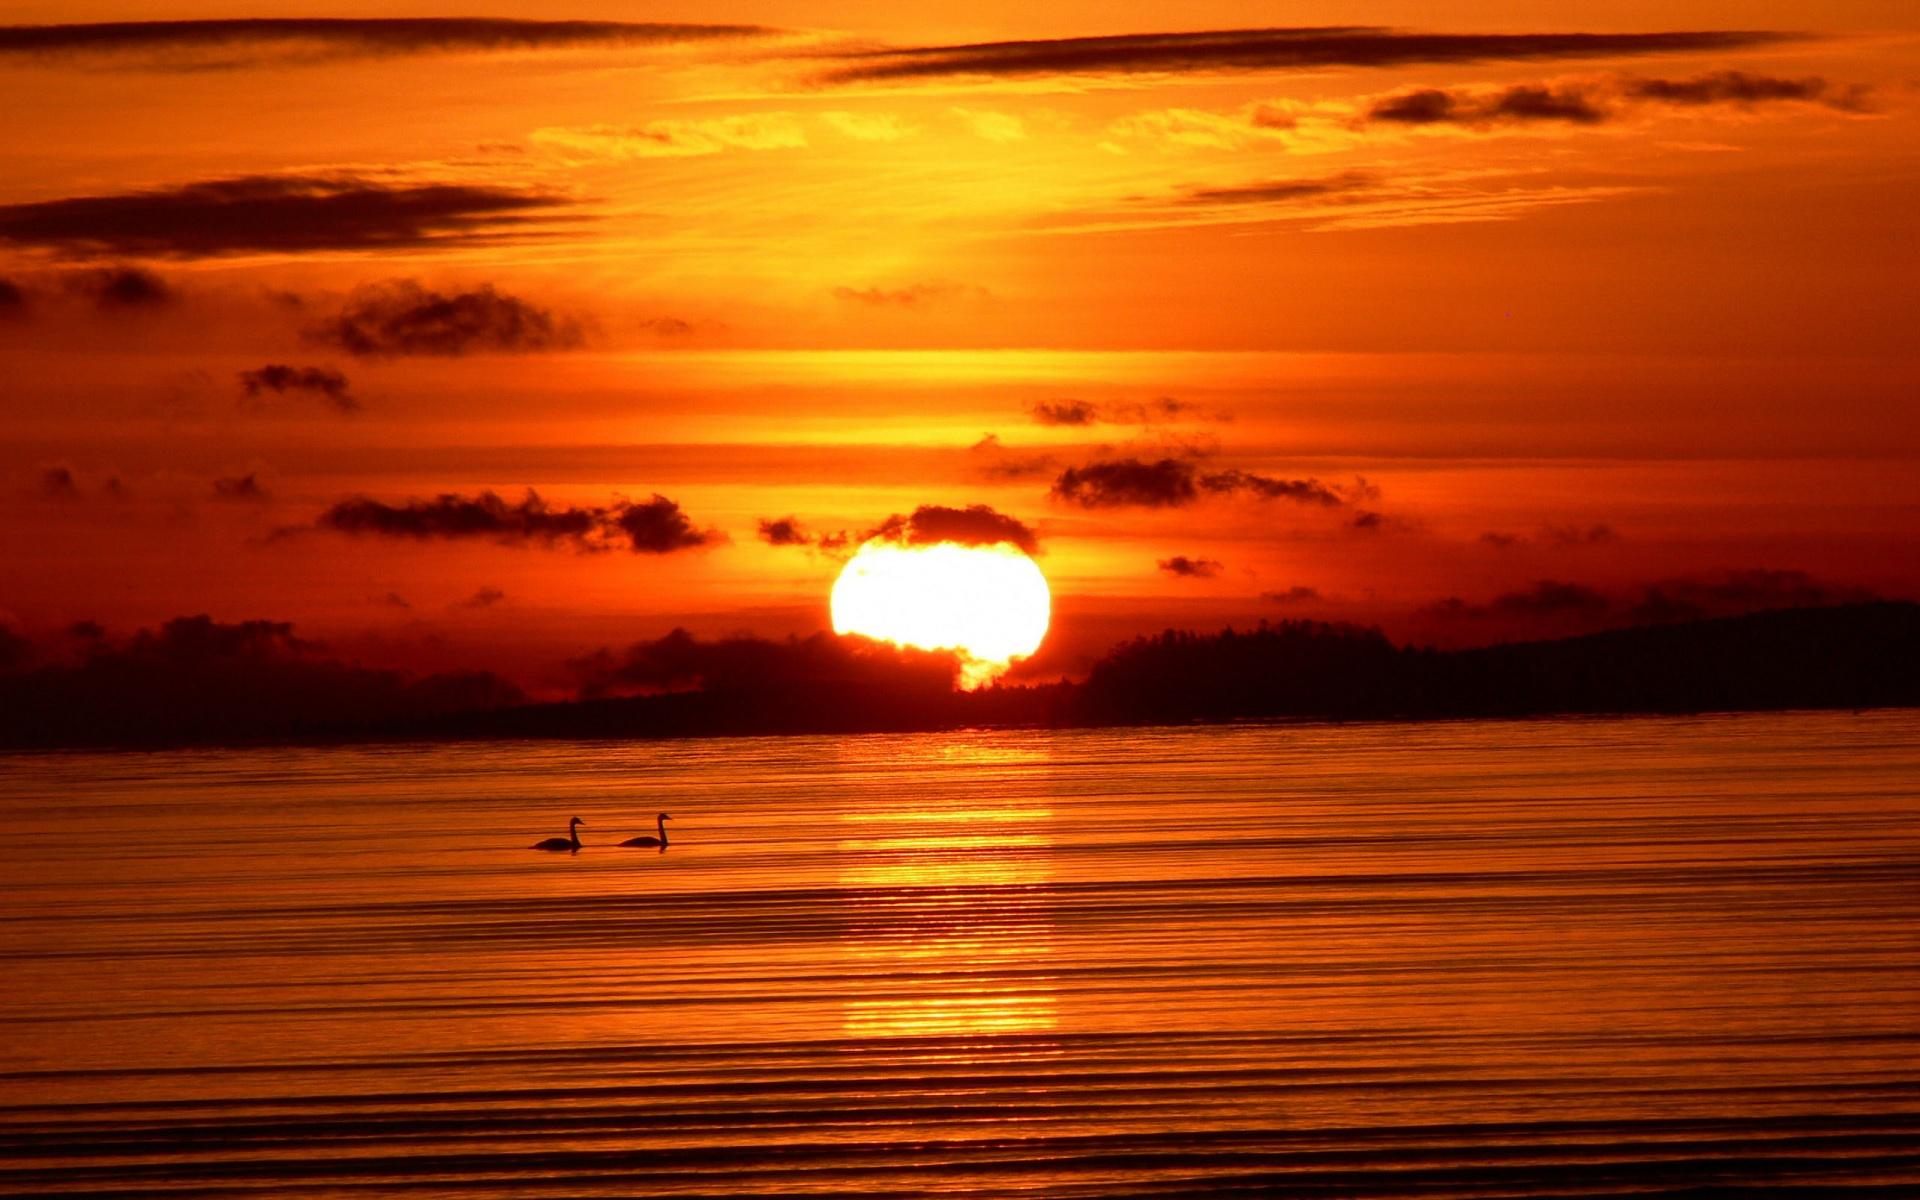 Sunset-socialphy.com_